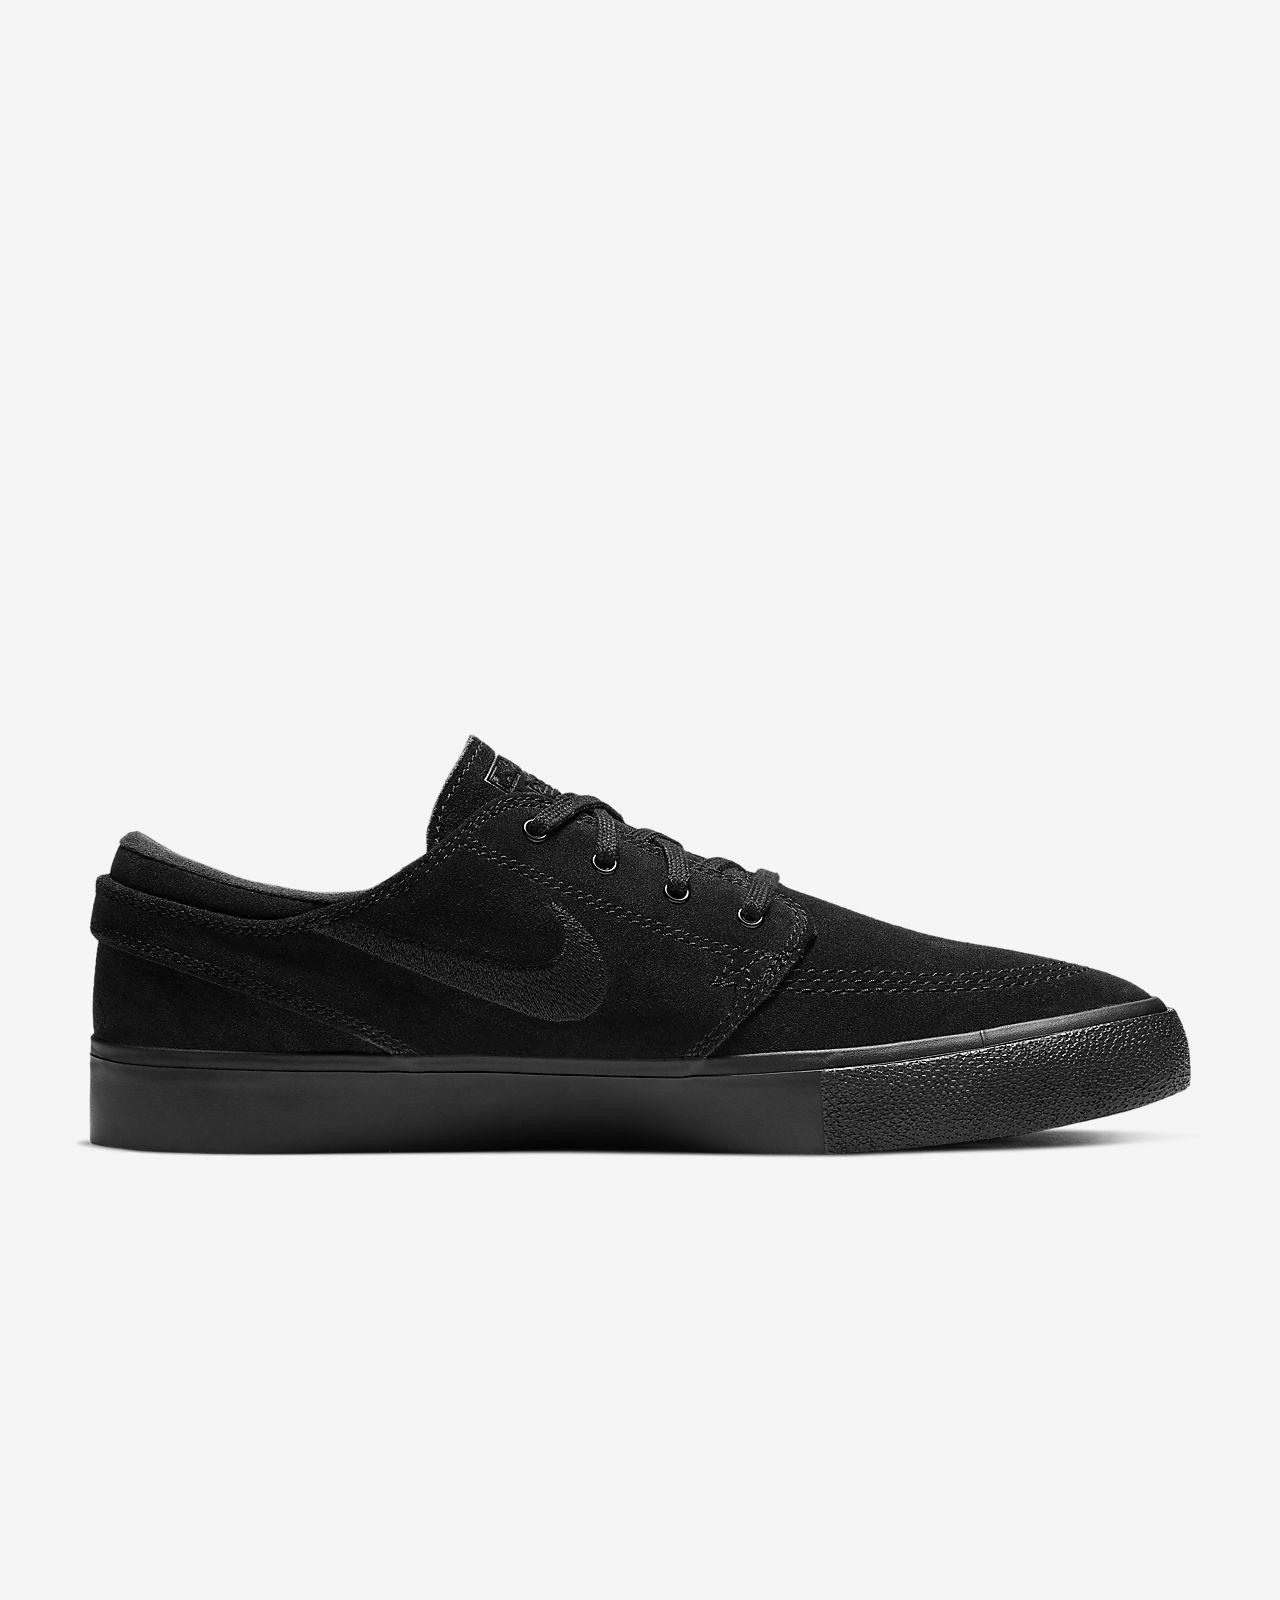 Nike SB Zoom Janoski RM   Grå   Skateskor   AQ7475 002